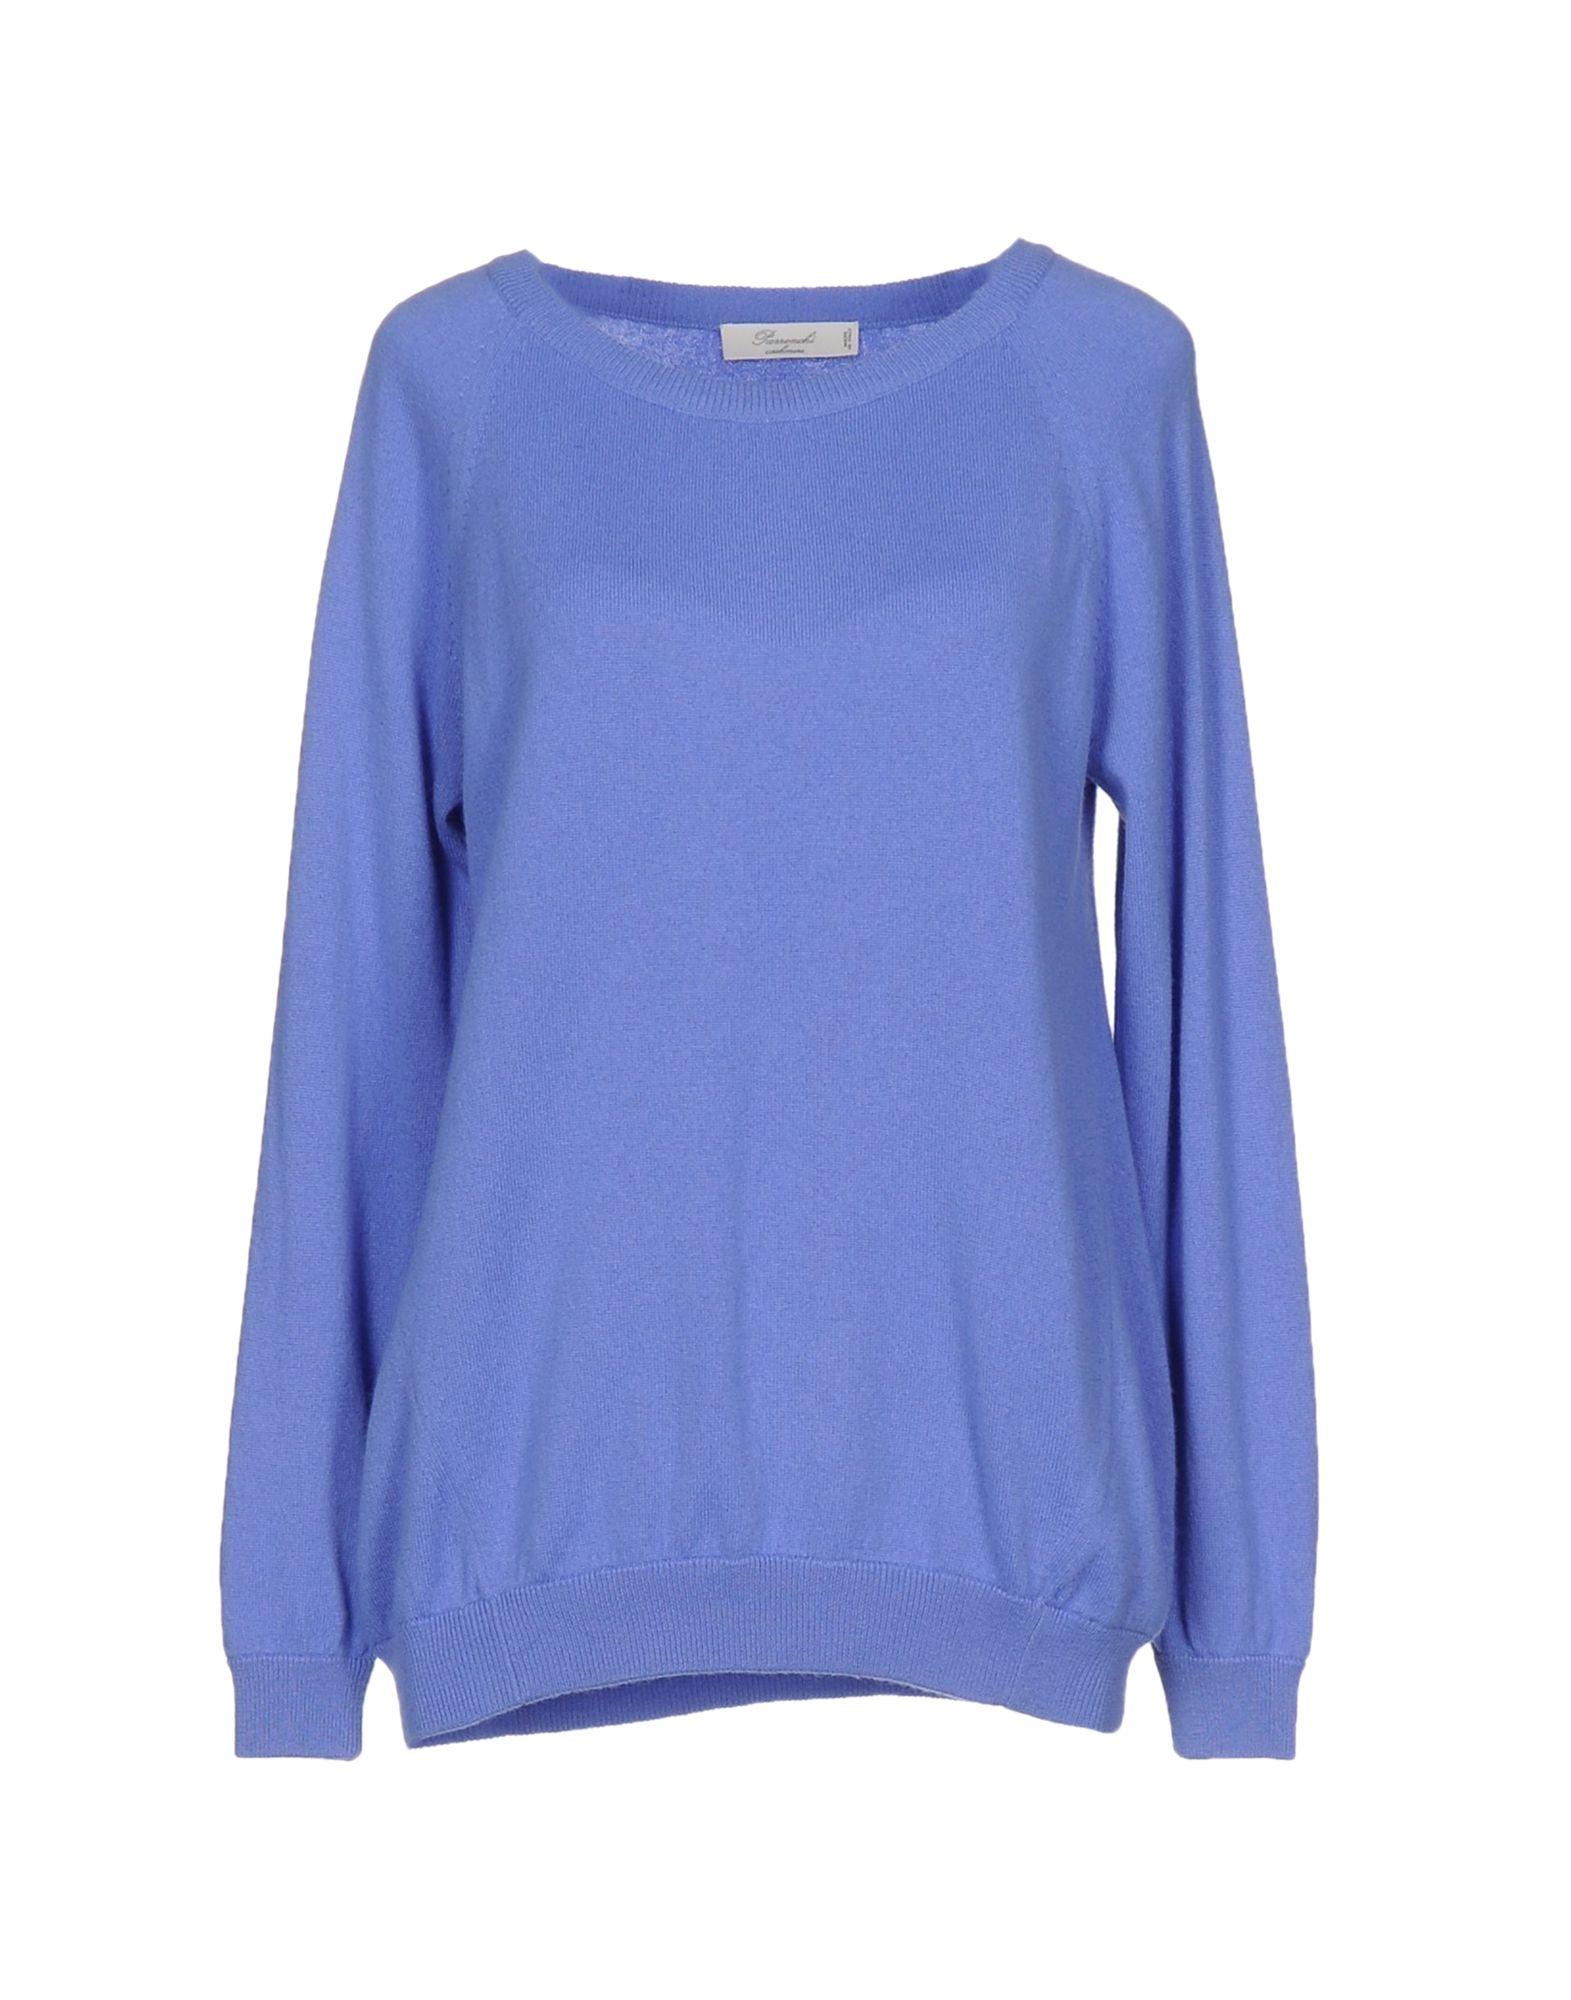 PARRONCHI Cashmere Blend in Pastel Blue